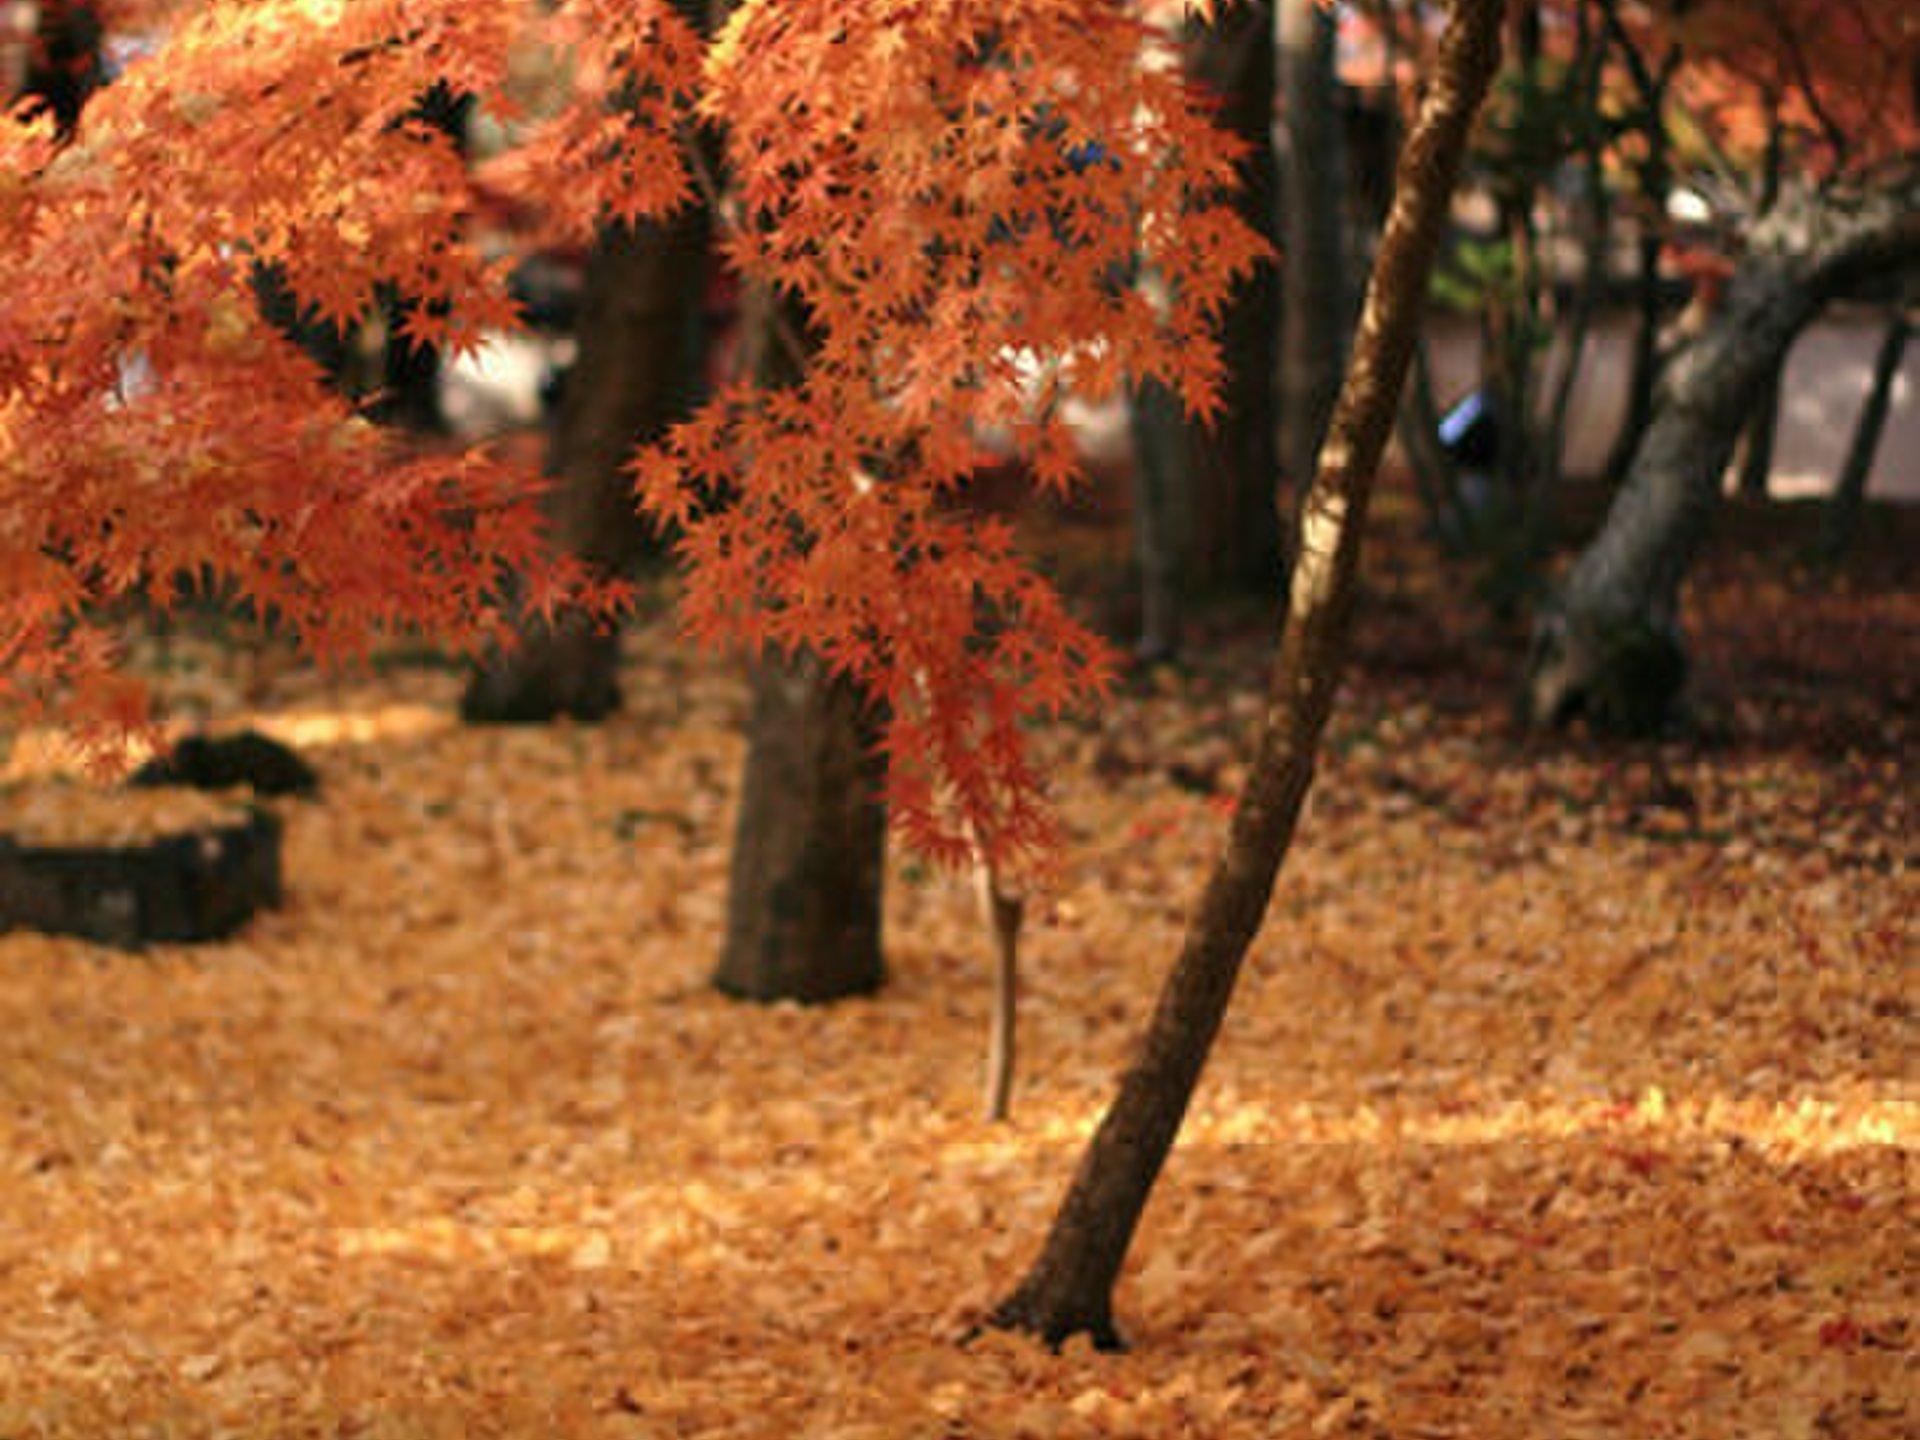 【京都へ紅葉めぐり旅行】哲学の道~白川~祇園 定番から穴場まで!おすすめスポット